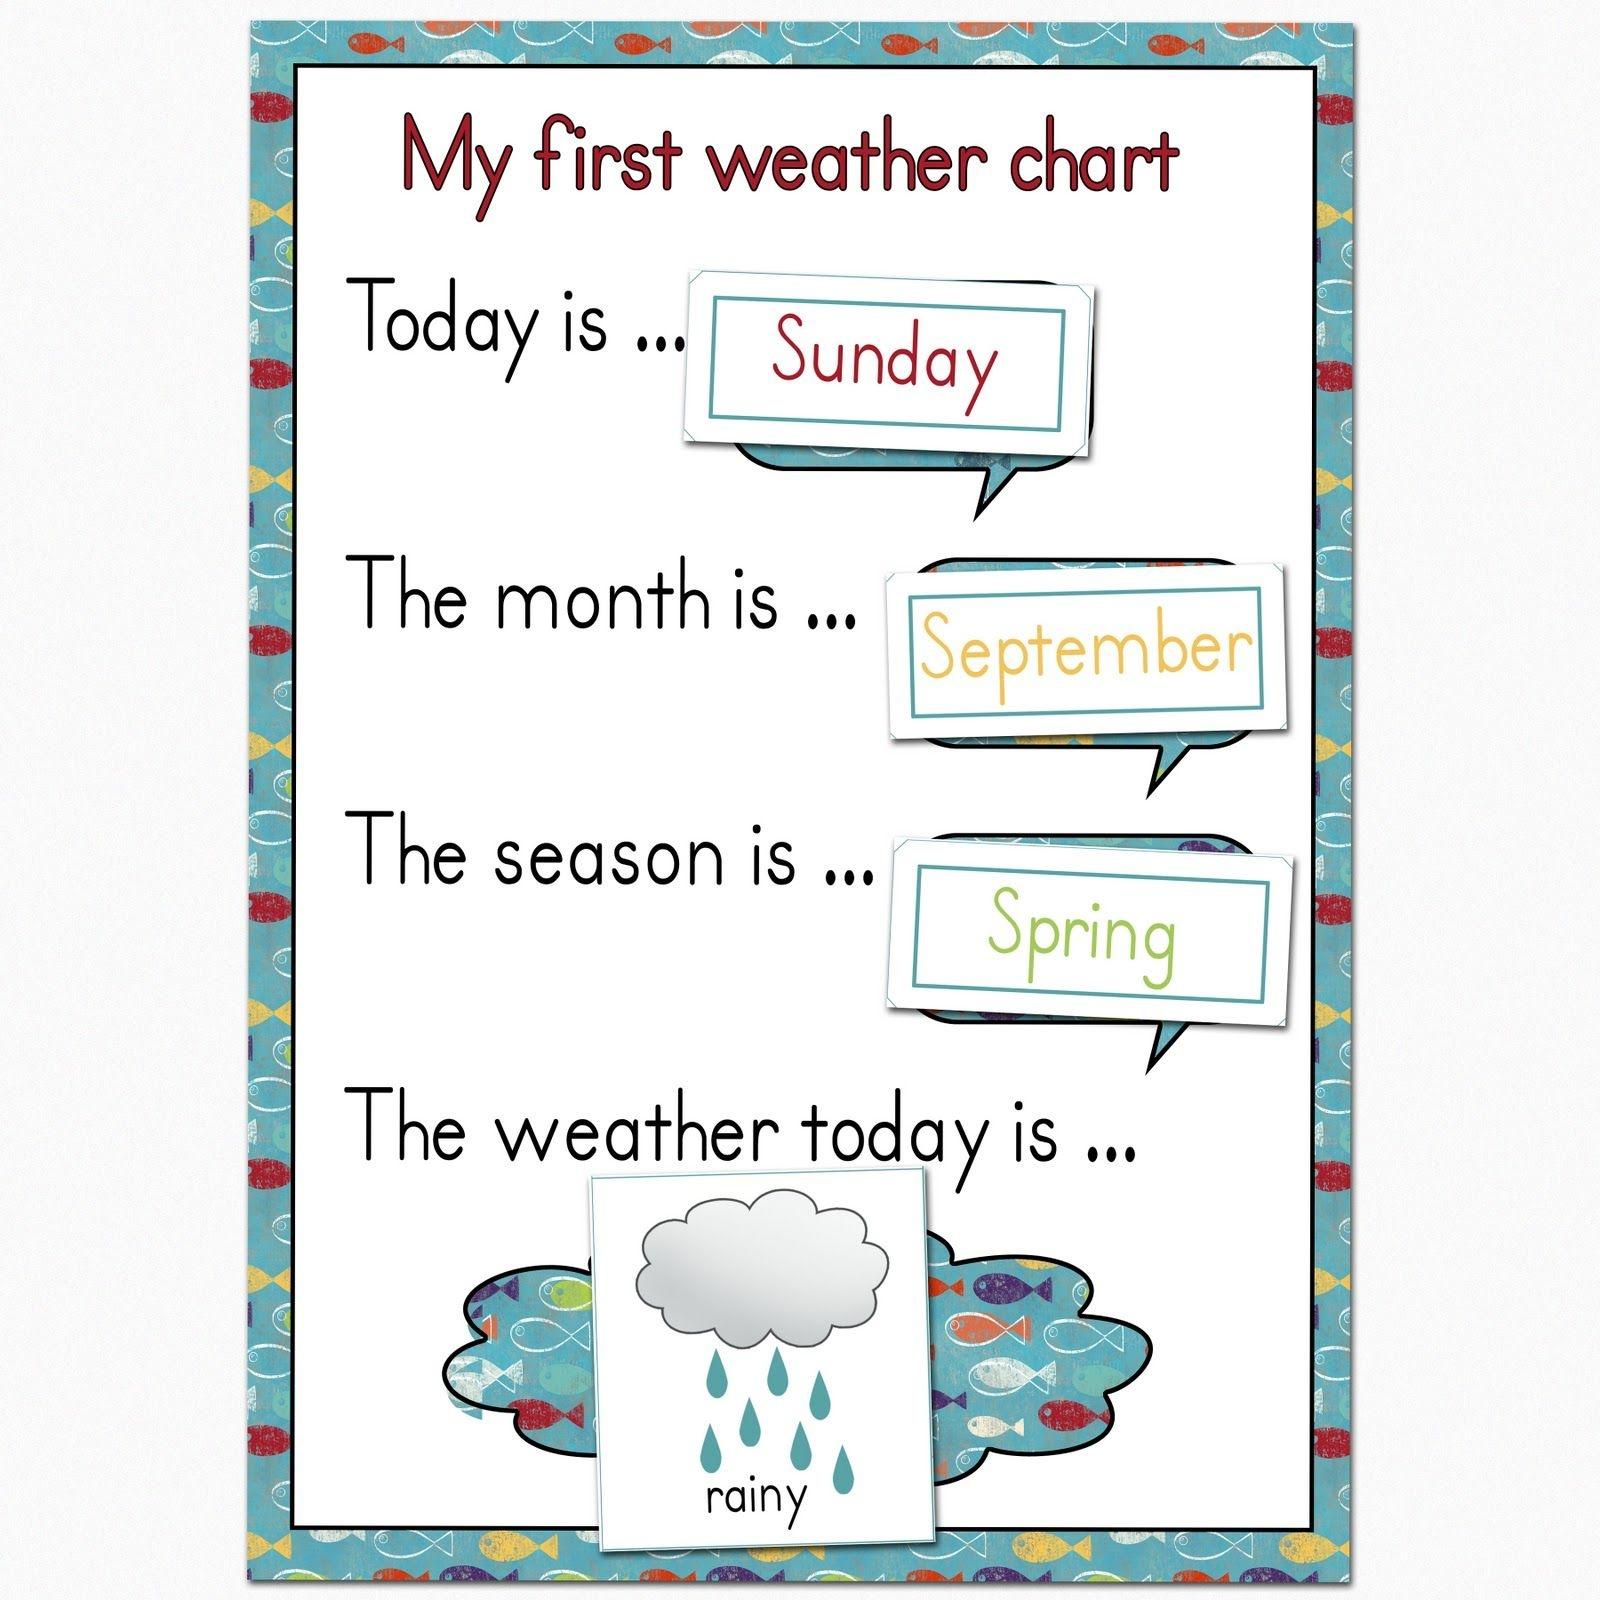 Fantail Digital Art: My First Weather Chart Free Printable | Science - Free Printable Weather Chart For Preschool